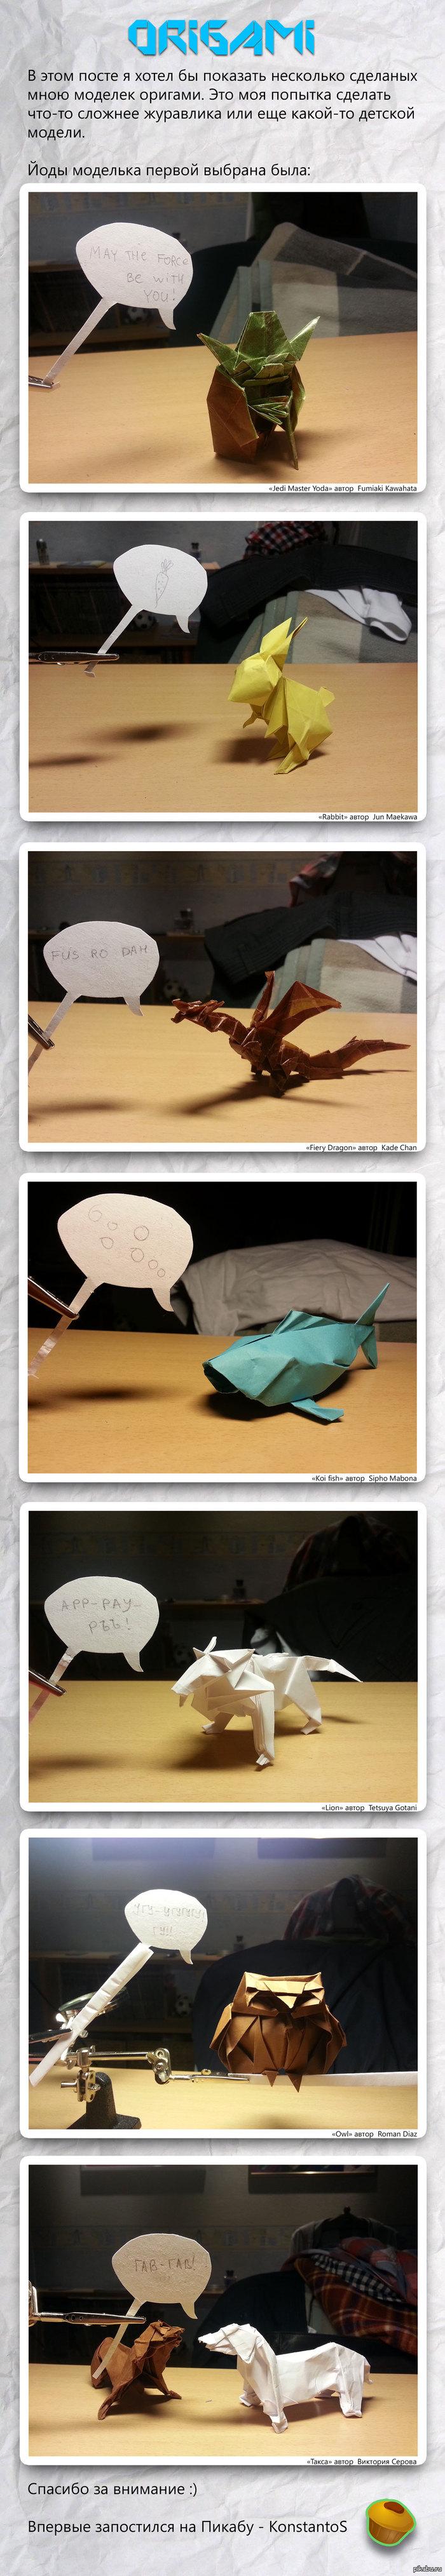 """Оригами. Мои первые """"не журавлики"""" :) Мой дебютный пост на Пикабу,  надеюсь кому-то понравятся."""